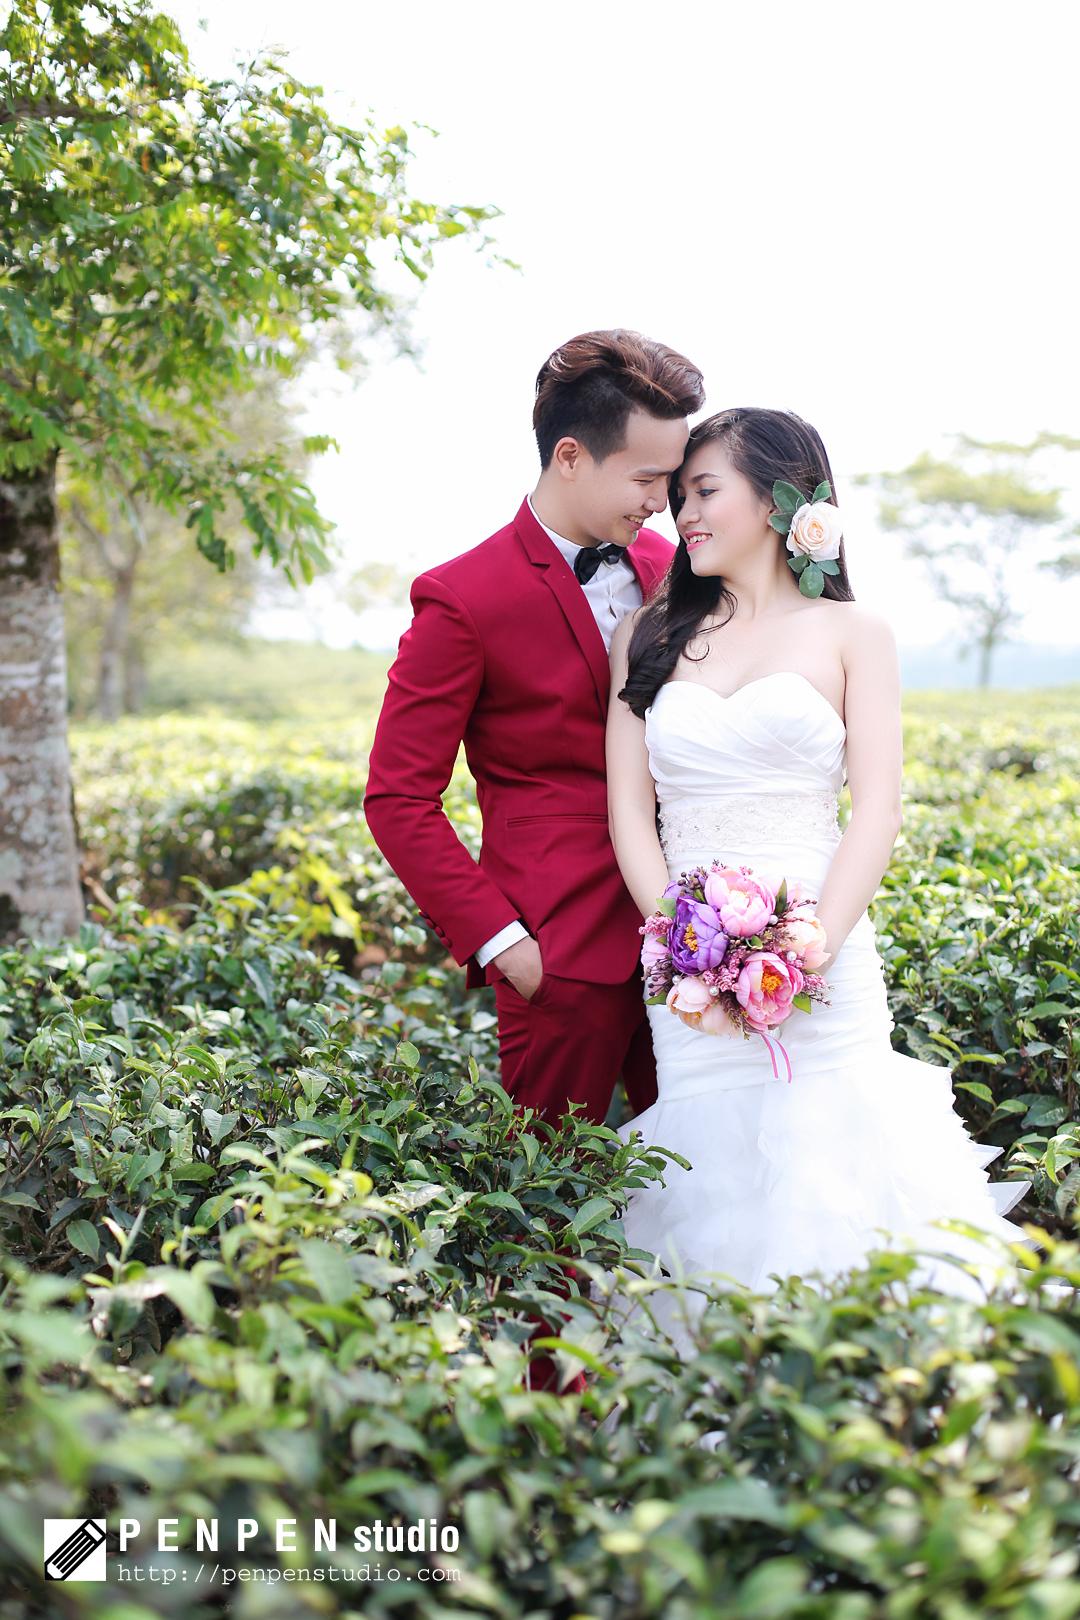 Ảnh cưới đẹp Bảo Lộc